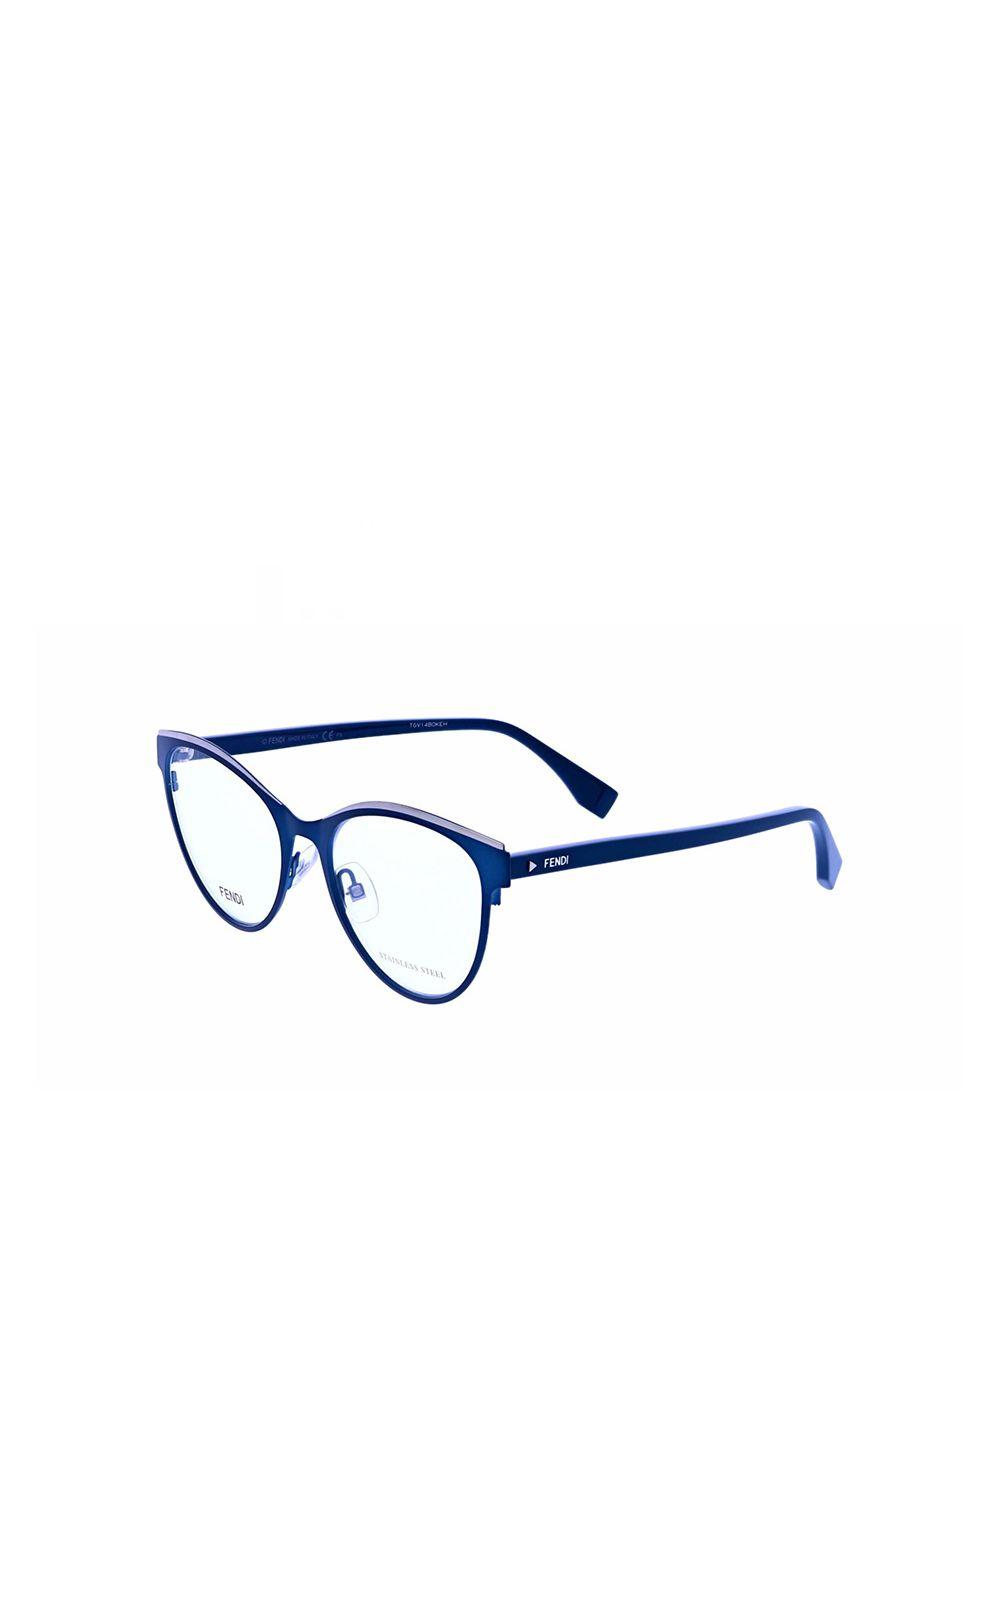 Óculos de Grau Fendi 0278 ZI9. undefined 4cc5dd7312